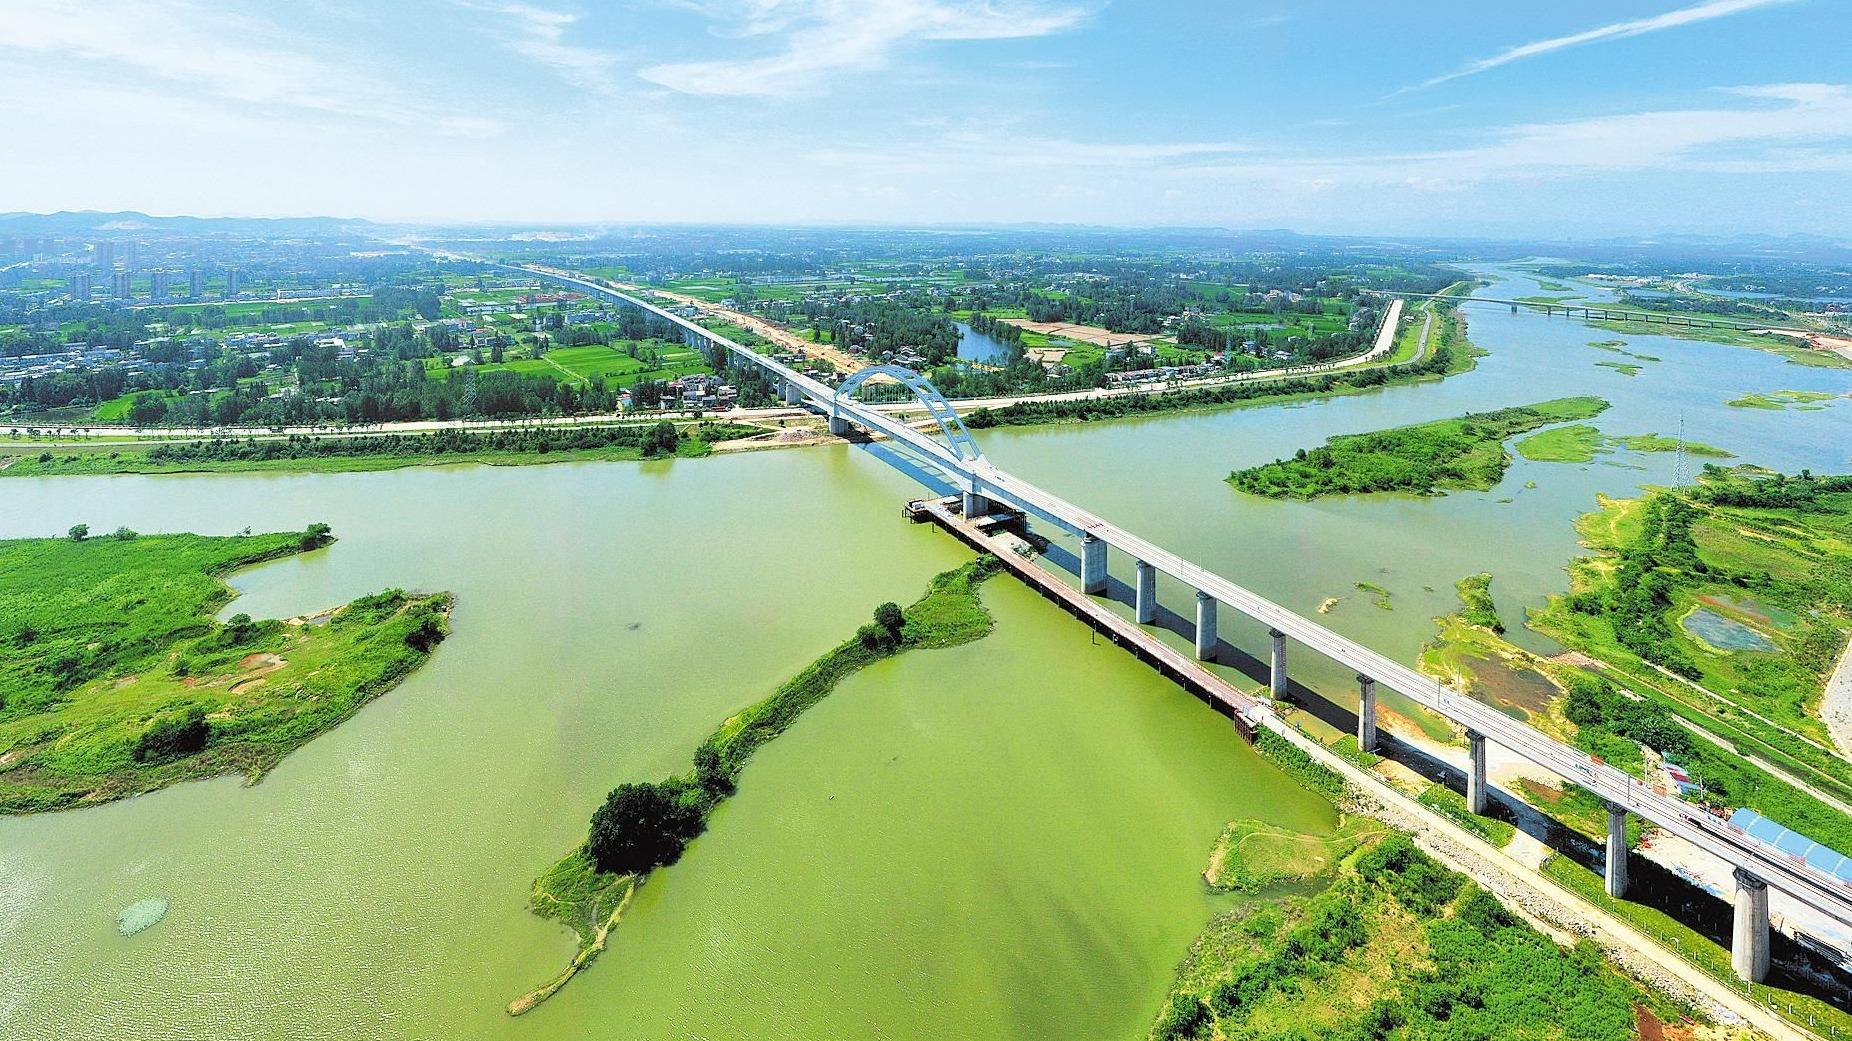 黄黄高铁蕲河特大桥开始铺设轨道